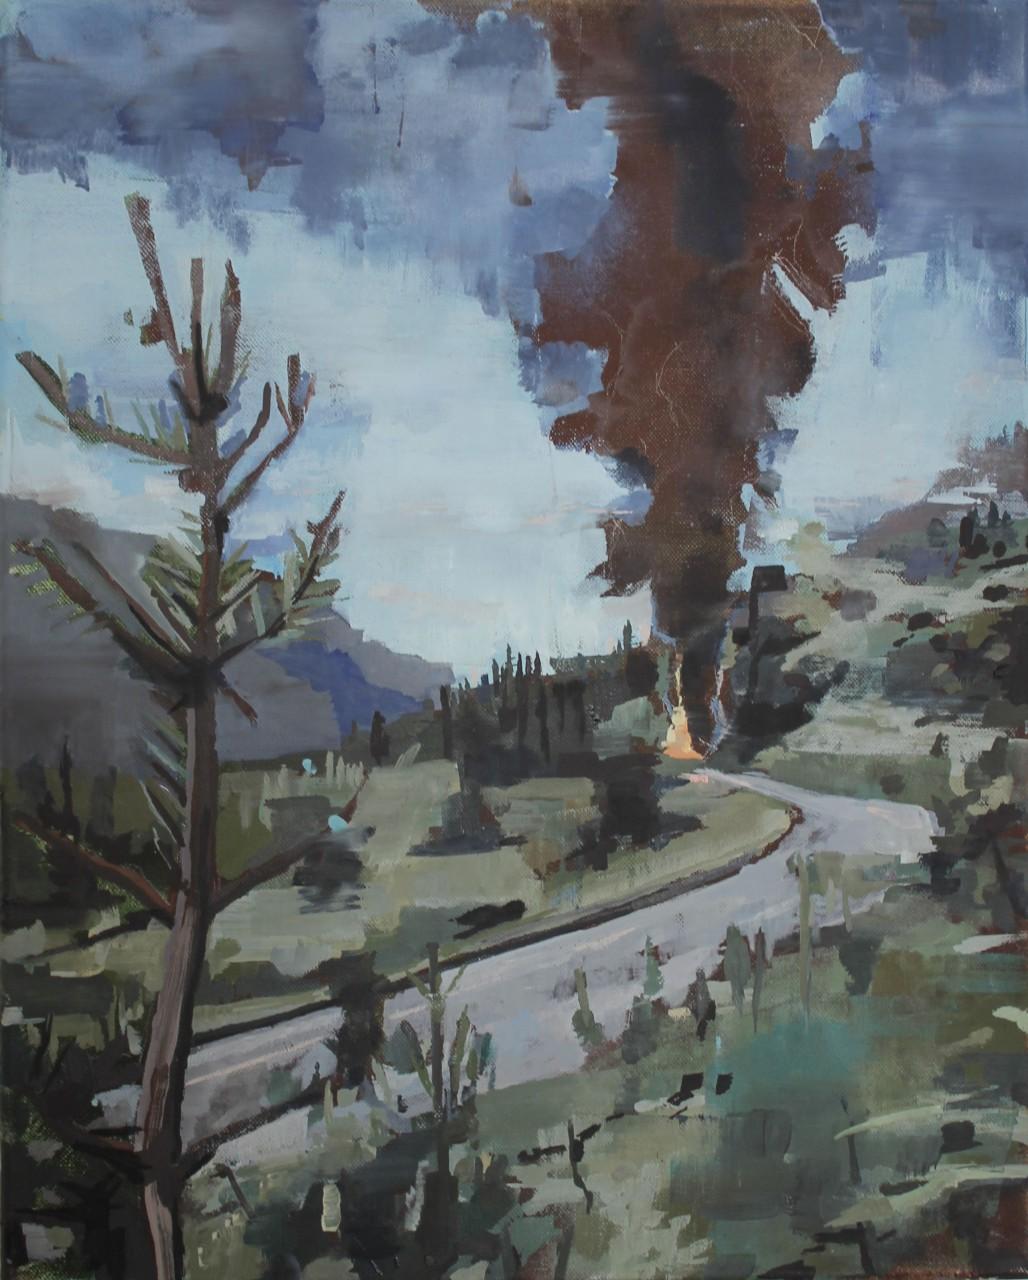 Kein Gewitter, 50x 40cm ,Öl auf Leinwand, 2015